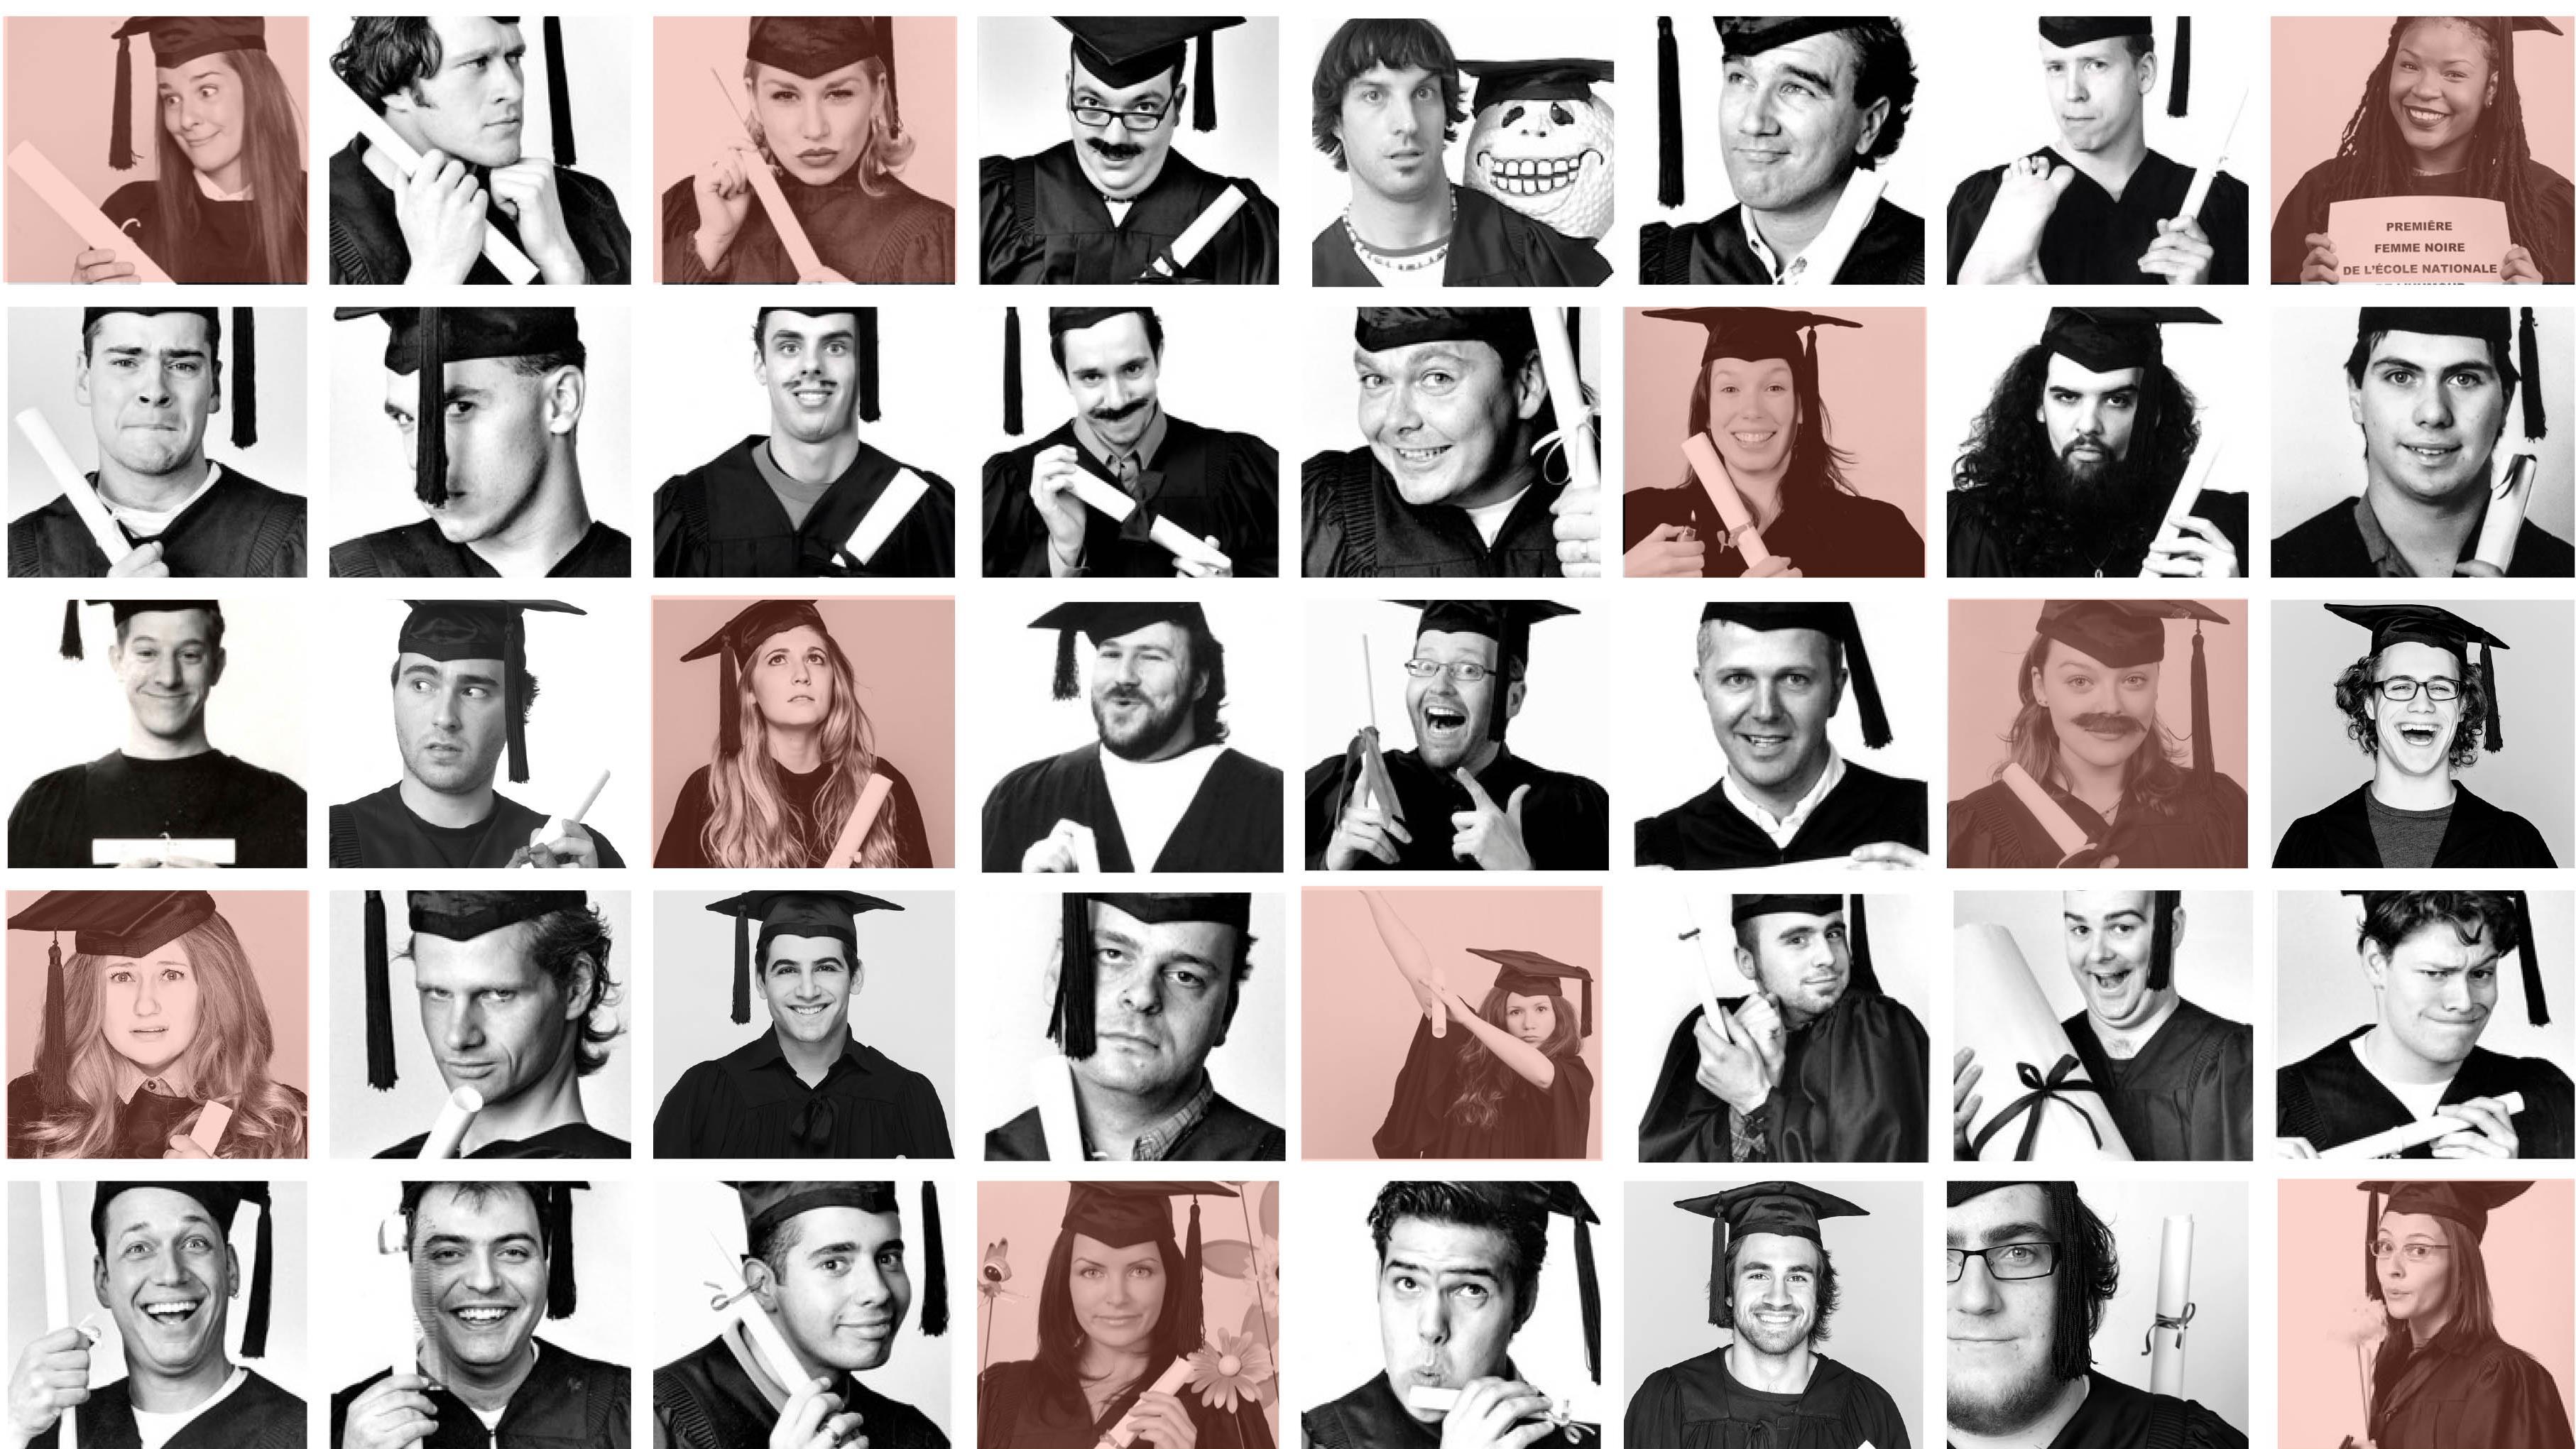 30 ans de l'École nationale de l'humour : le jeu-questionnaire